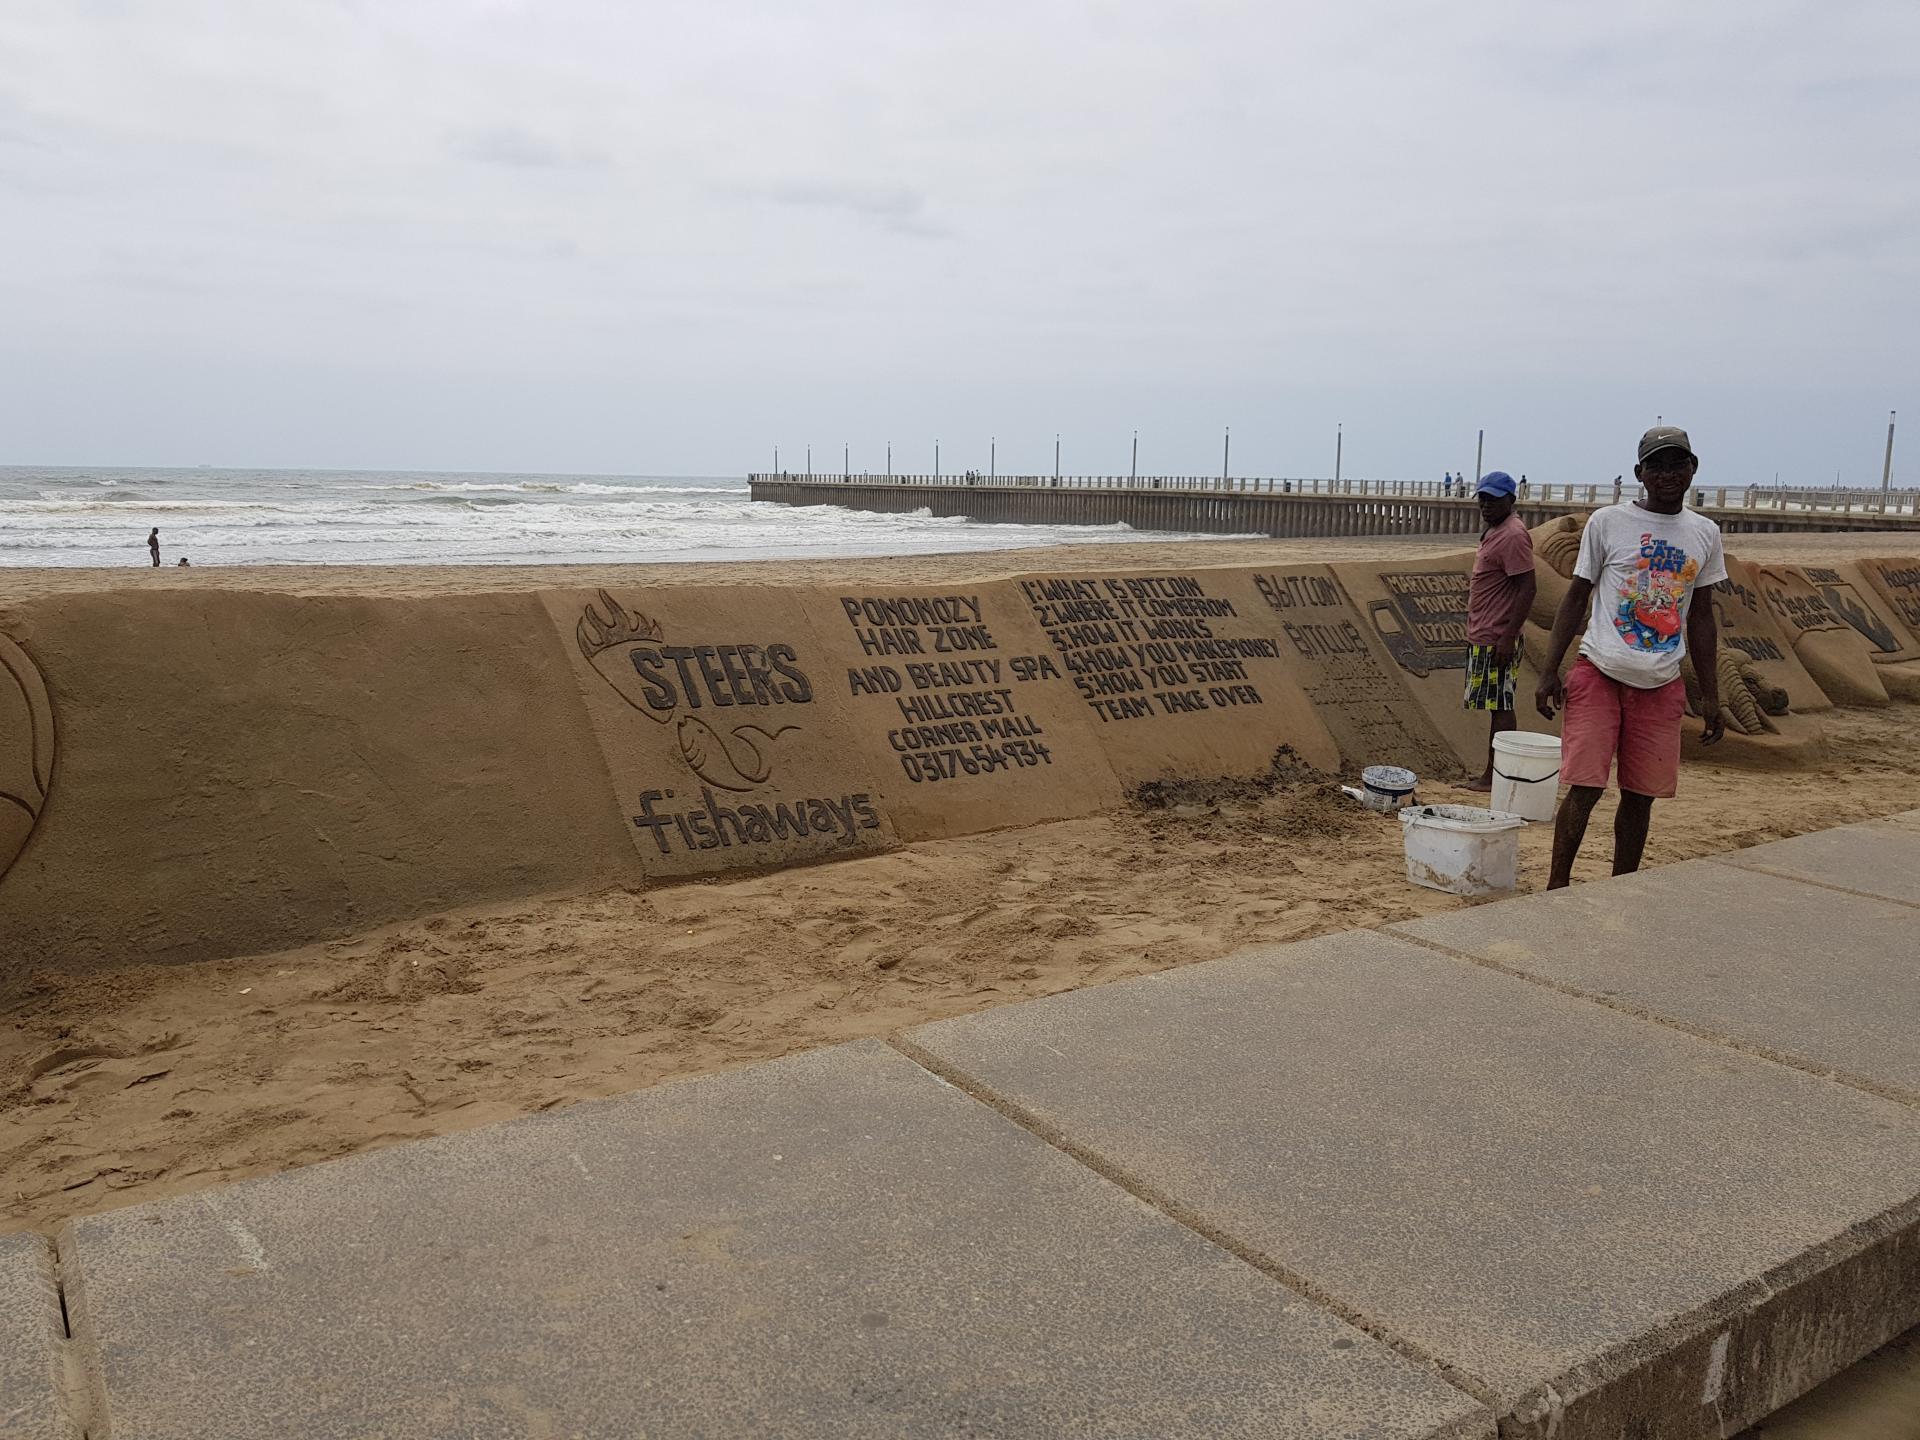 негры рисуют на песке